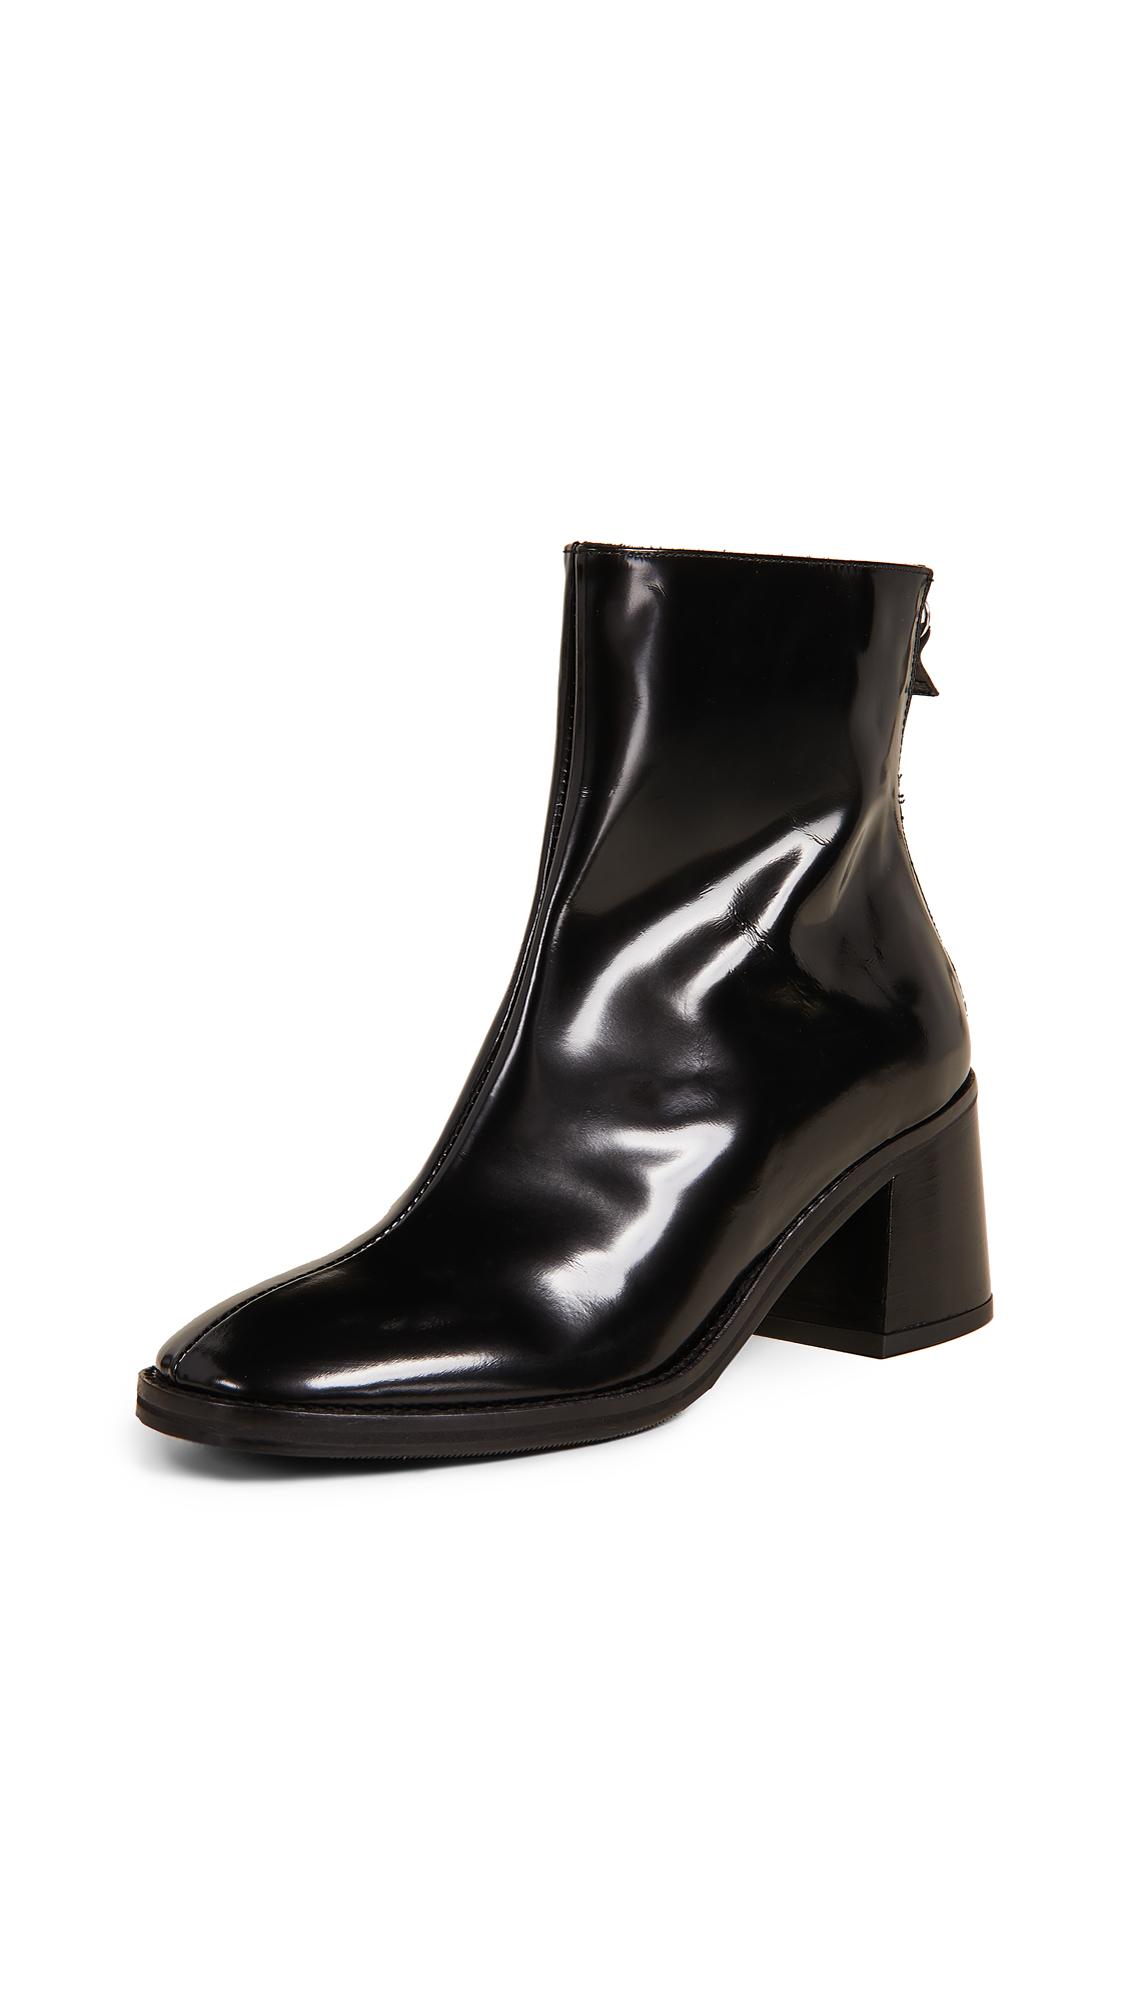 Miista Cybil Block Heel Booties - Black